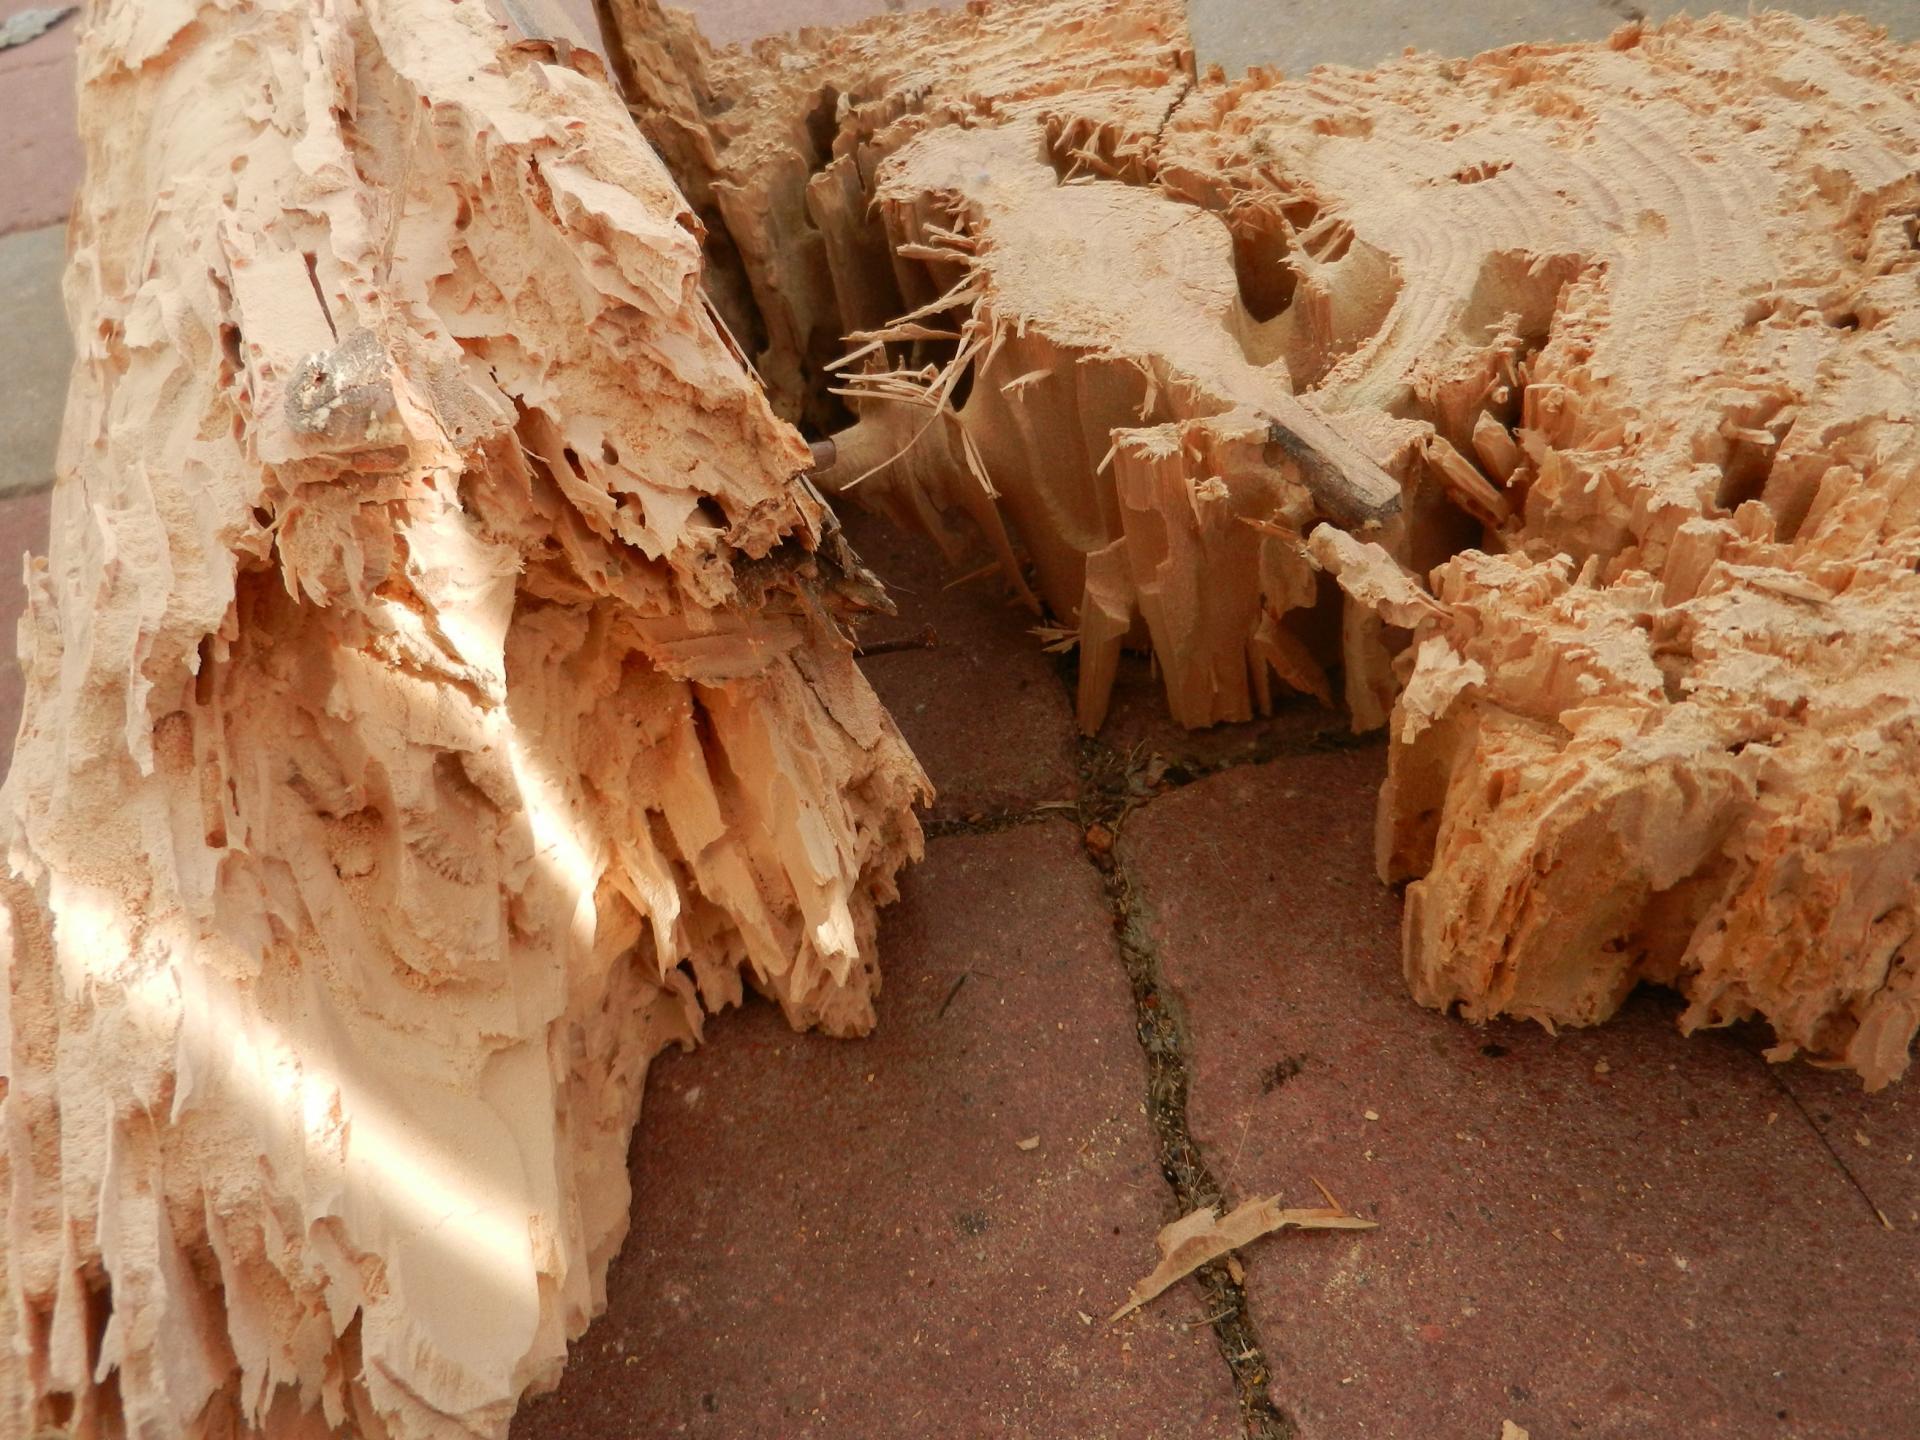 Materialschaedling - Kernholzschaeden durch die Ameise Camponotus herculeanus (Schwarze Rossameise)_ji